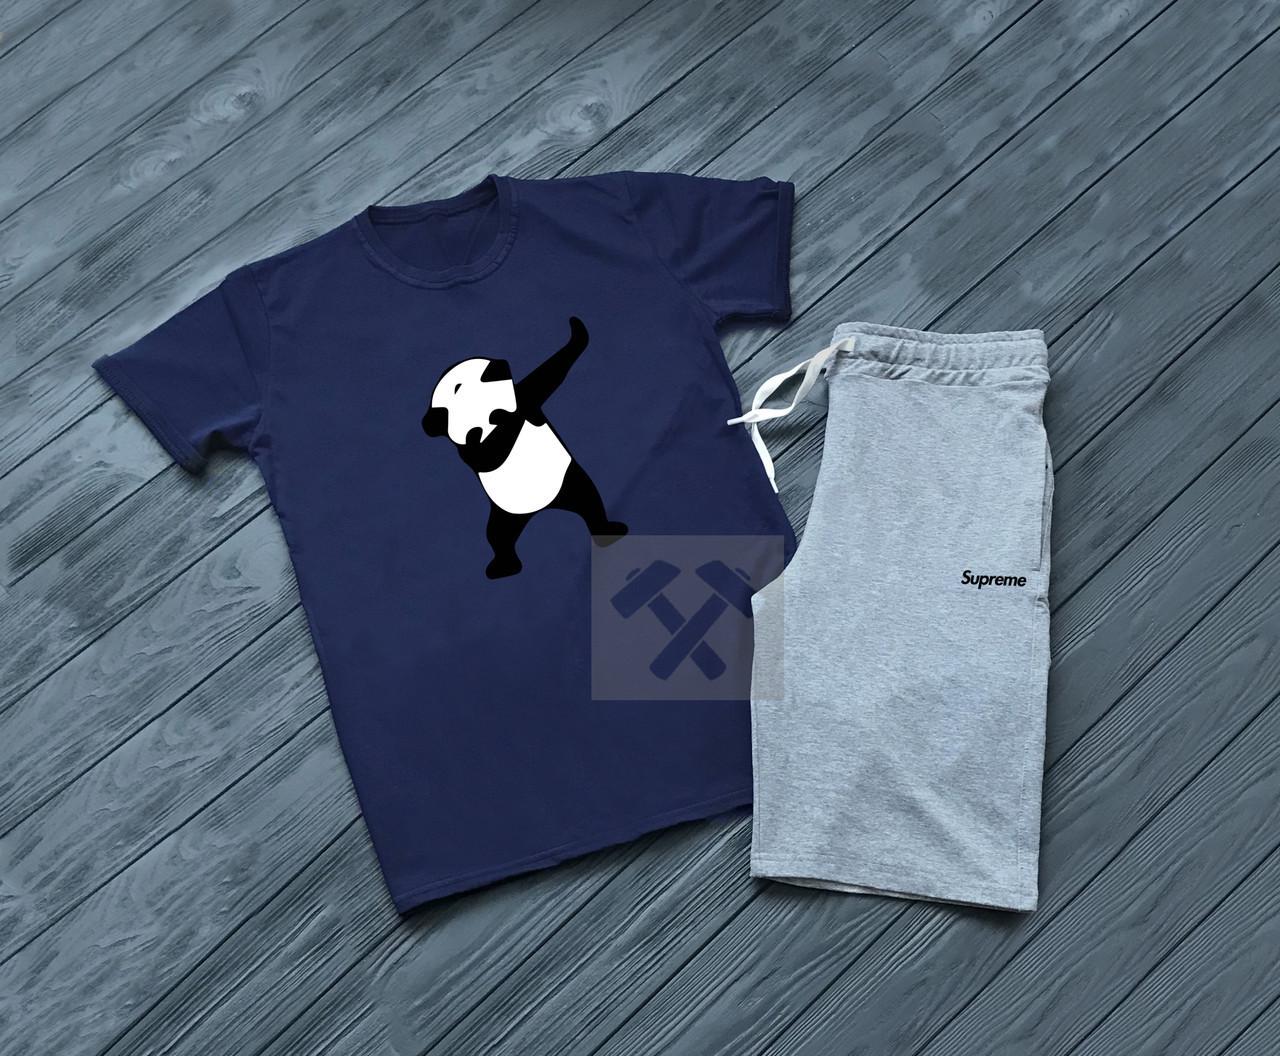 Мужской комплект футболка + шорты SUPREME синего и серого цвета